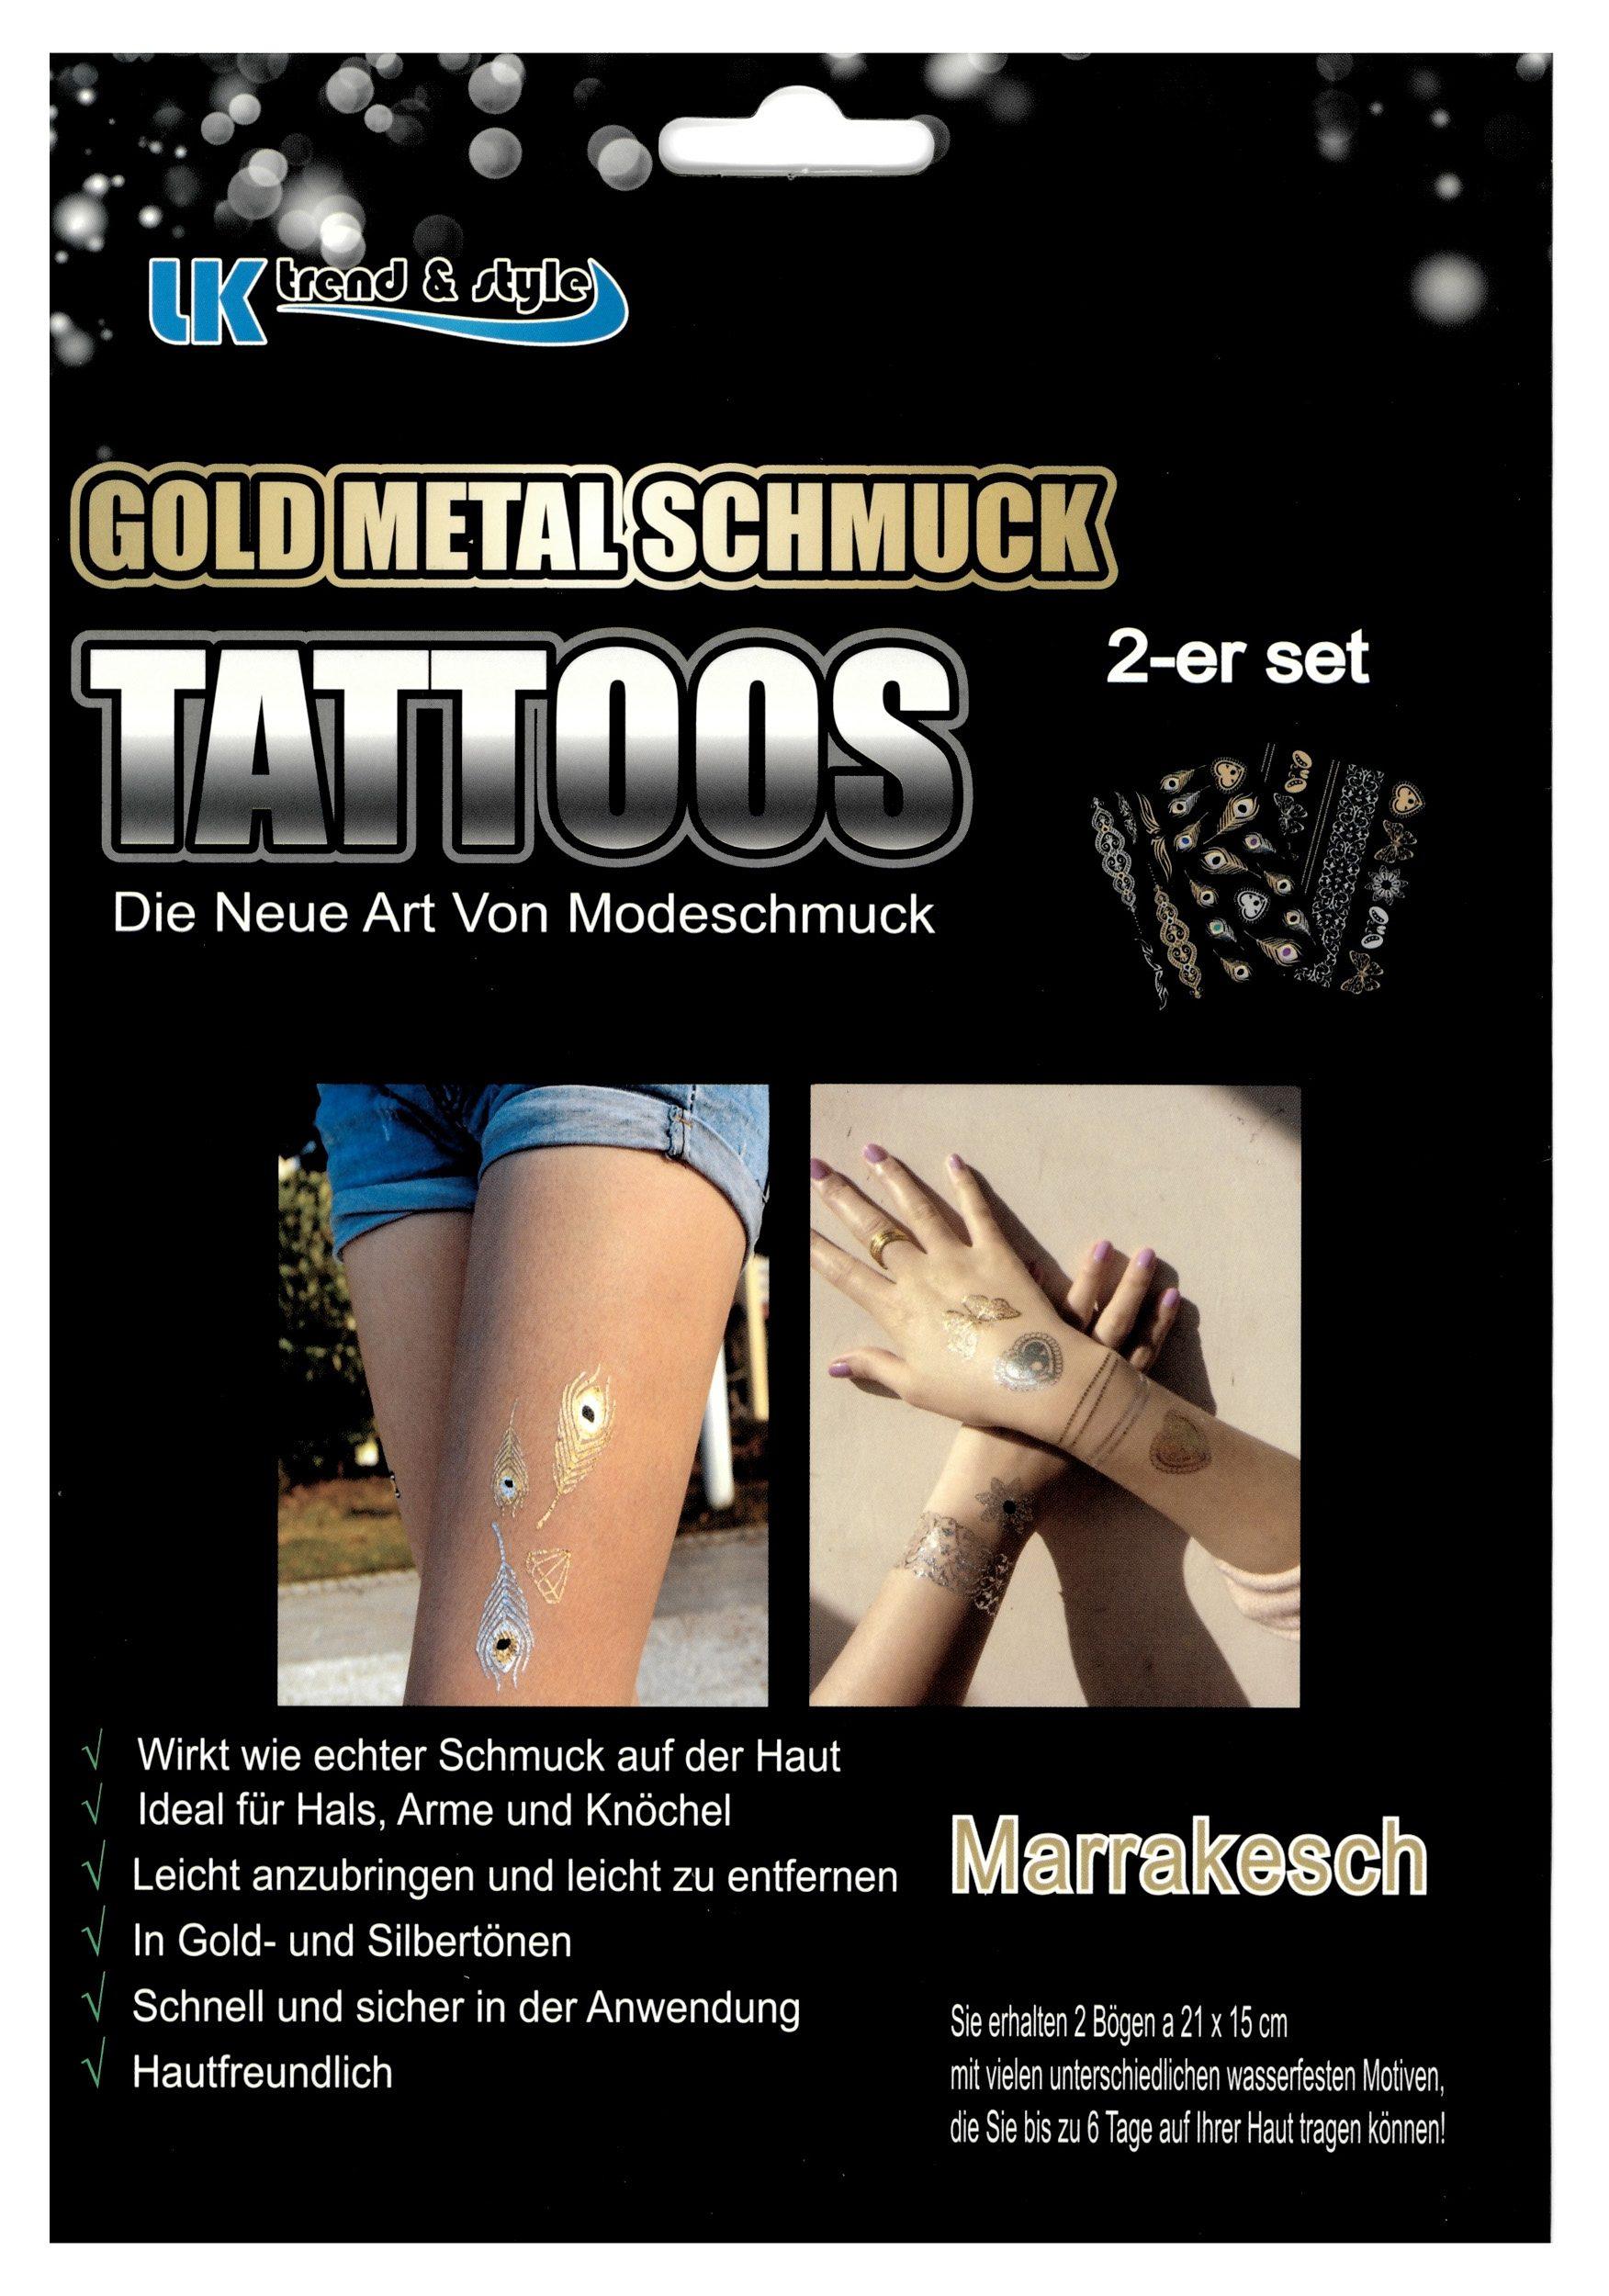 »Gold Metal Schmuck Tattoos«, die neue Art von Modeschmuck (2-tlg. Set)